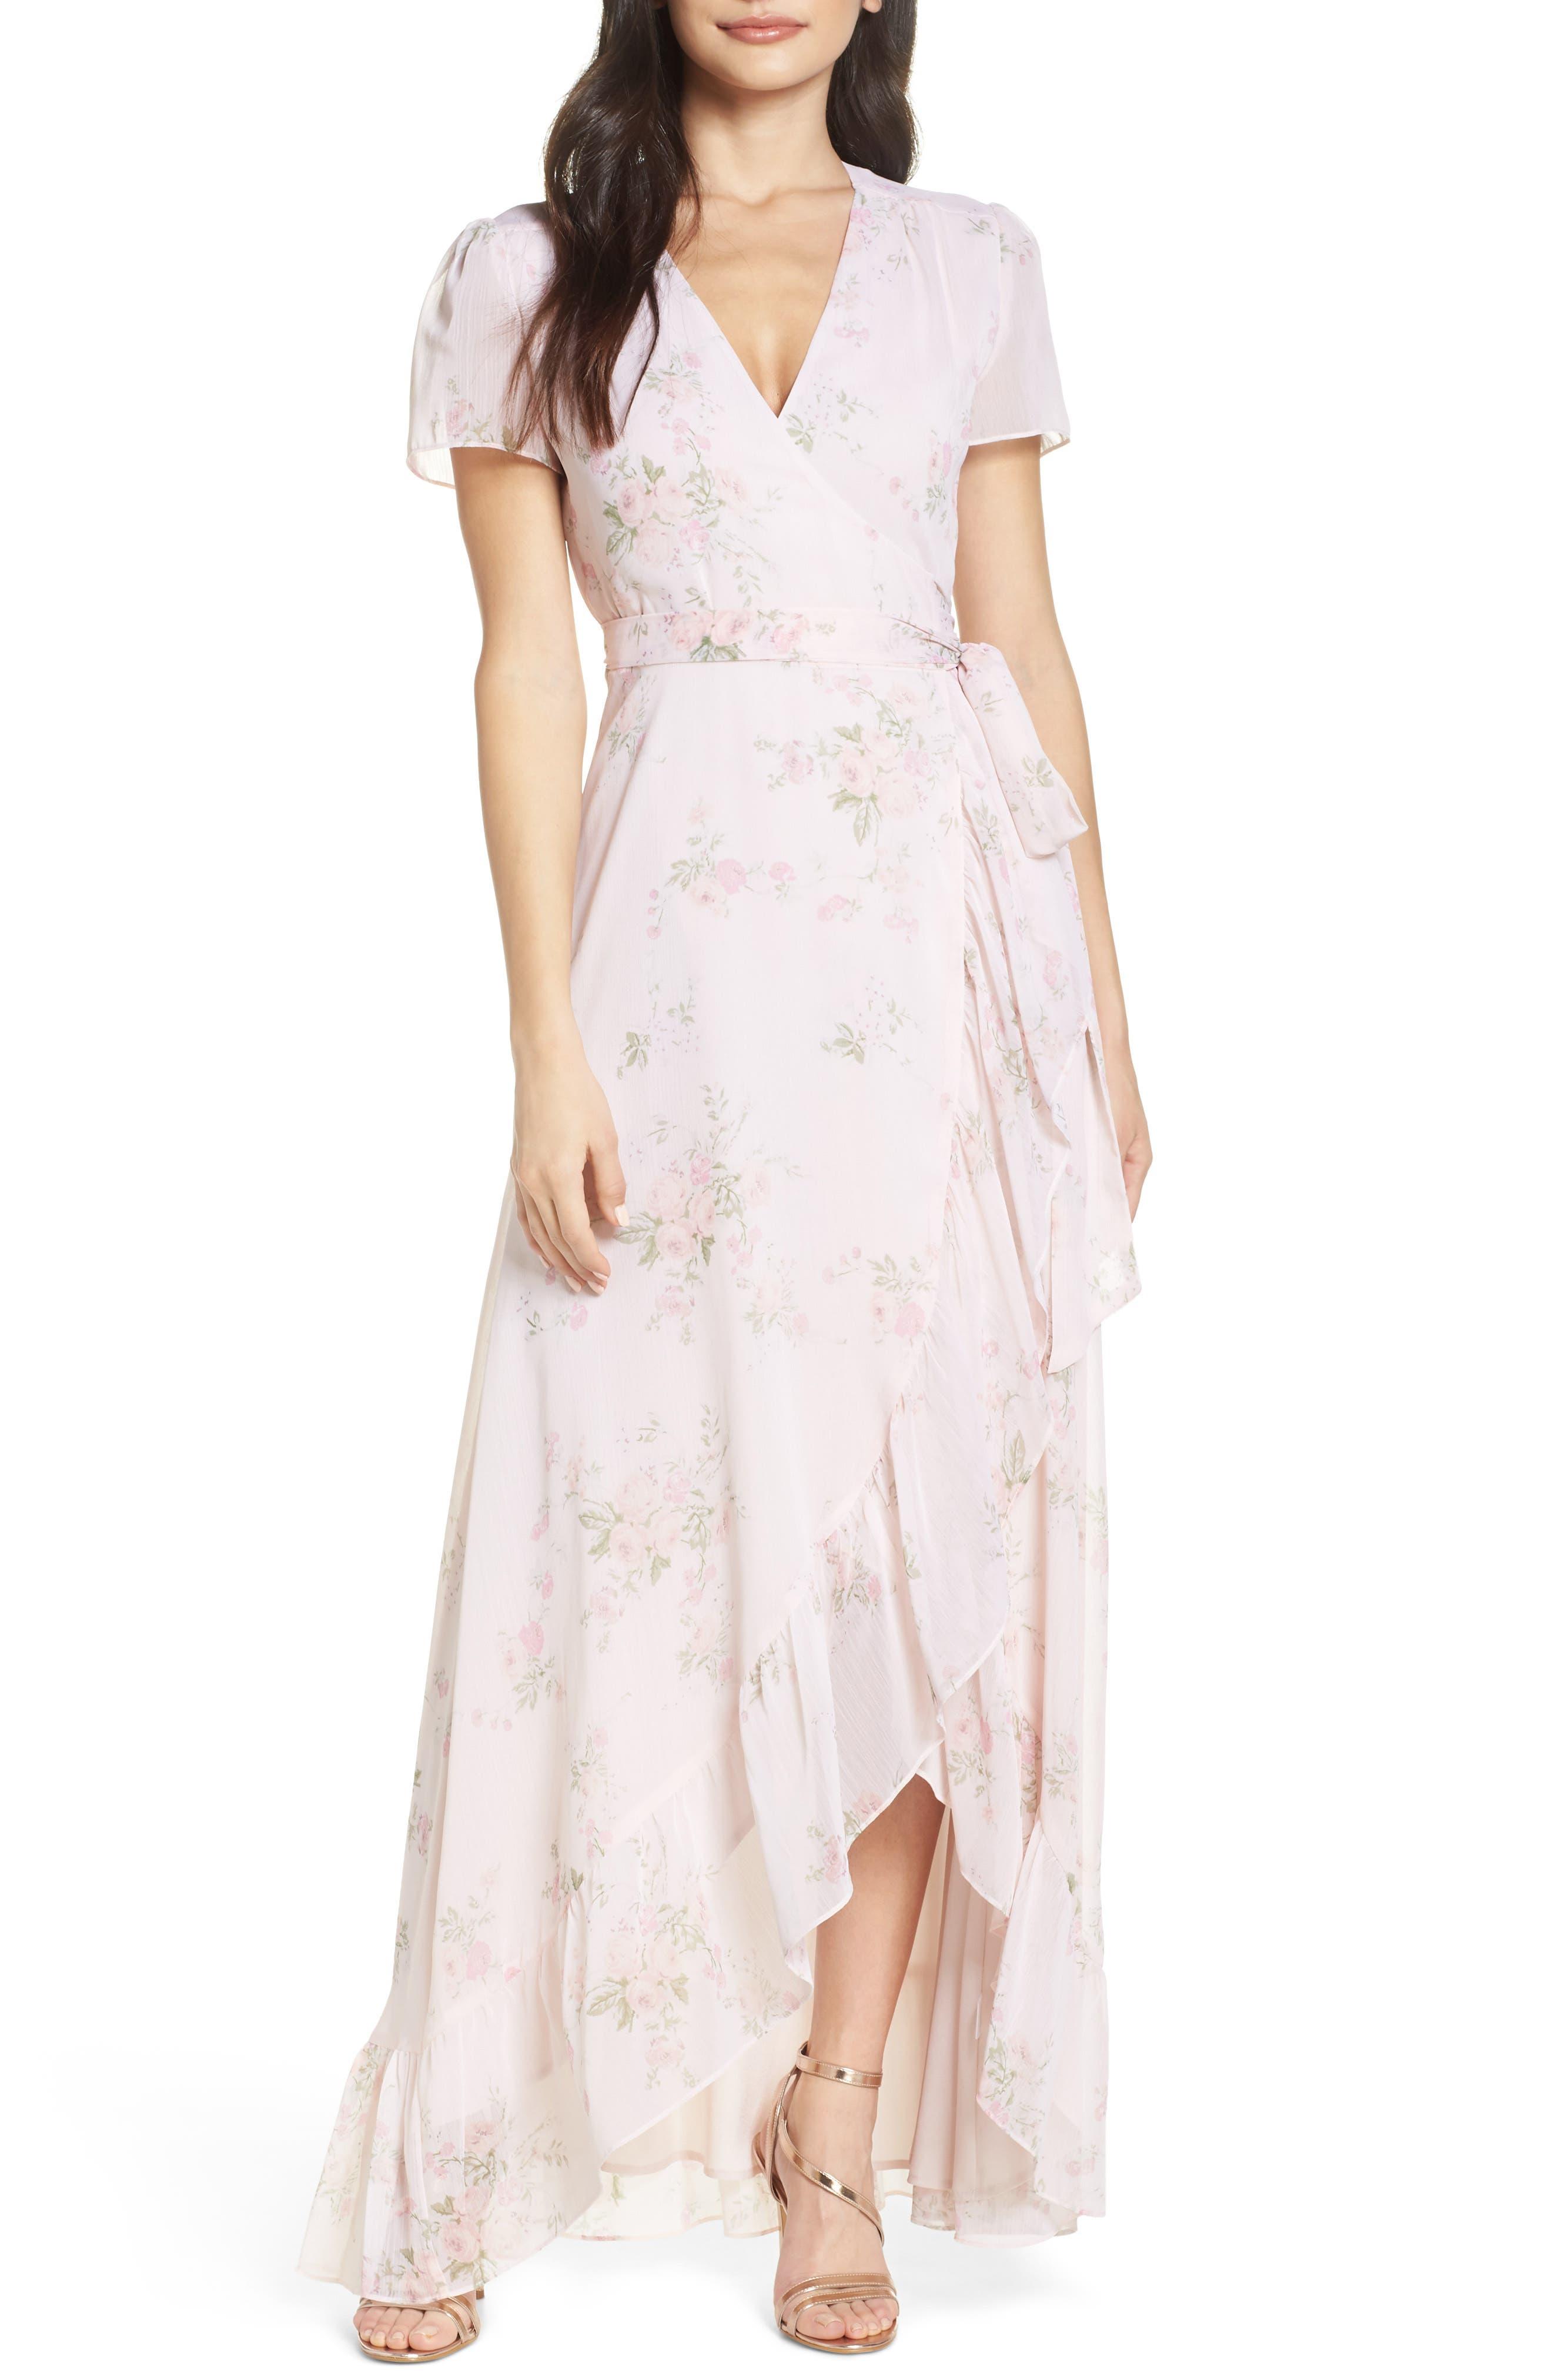 Maxi Dresses at Nordstrom